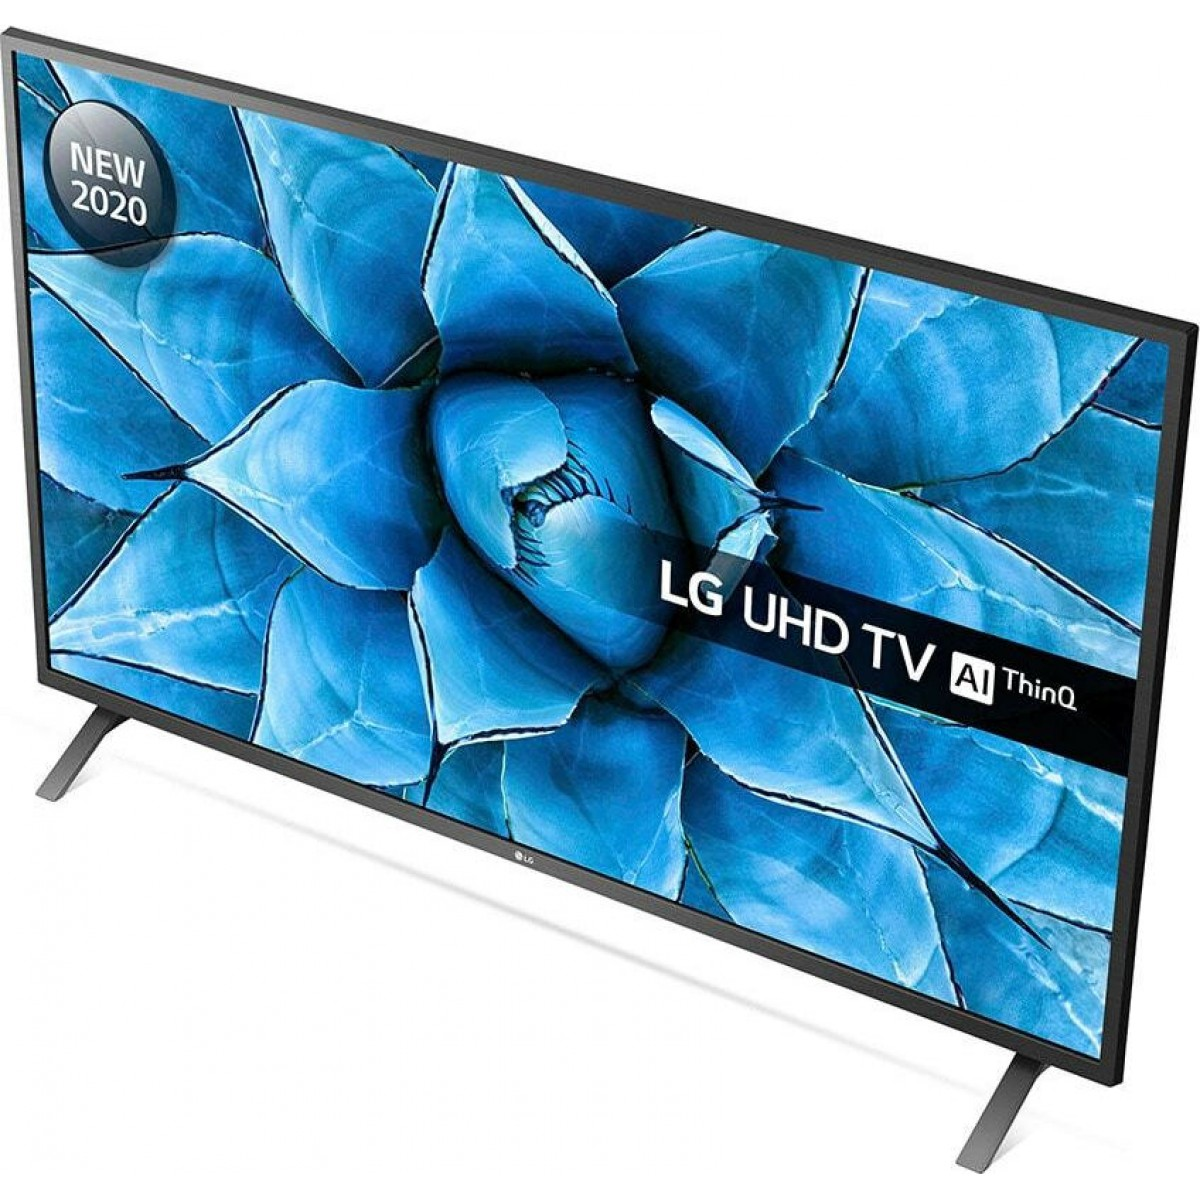 Τηλεόραση LG 65UN73006LA Ultra HD Smart  LED Τηλεοράσεις